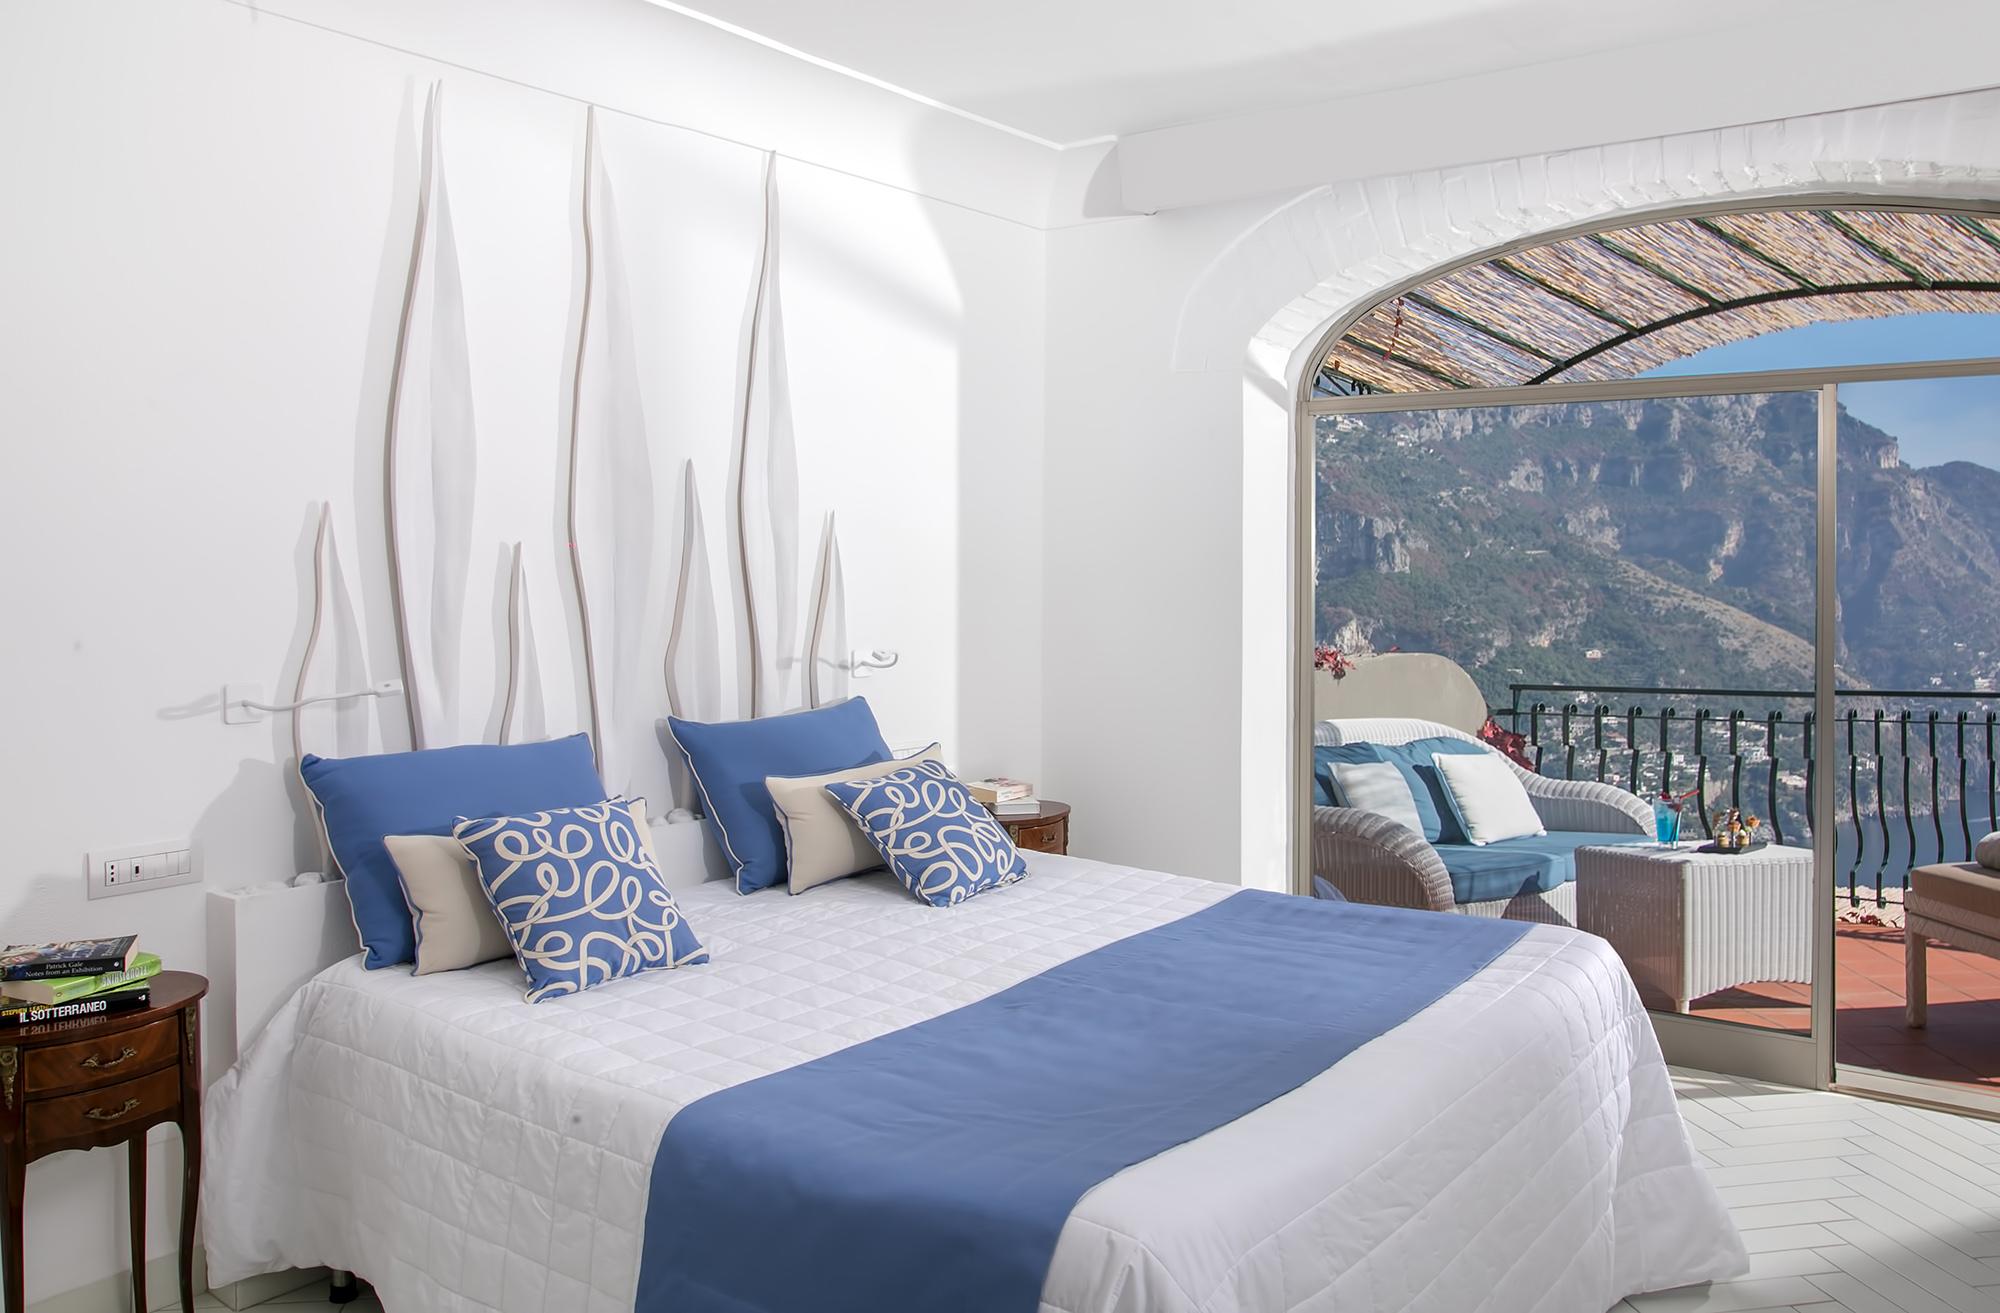 Belle chambre lumineuse avec des couleurs bleu et blanc , et une jolie balcon qui donne une vue la mer et les falaises.